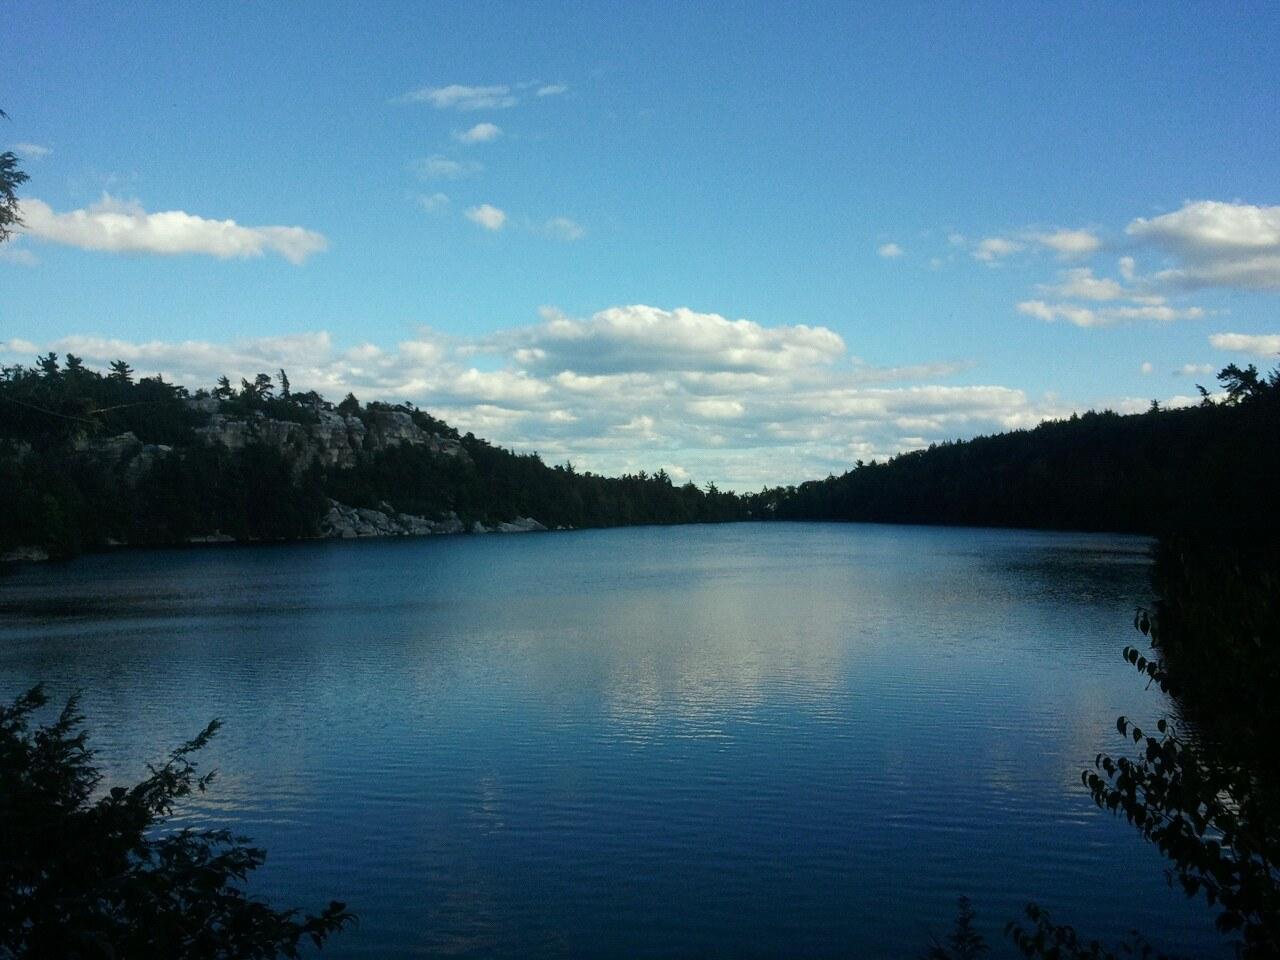 Lake Minnewaska. Photo by Shira Tamir.